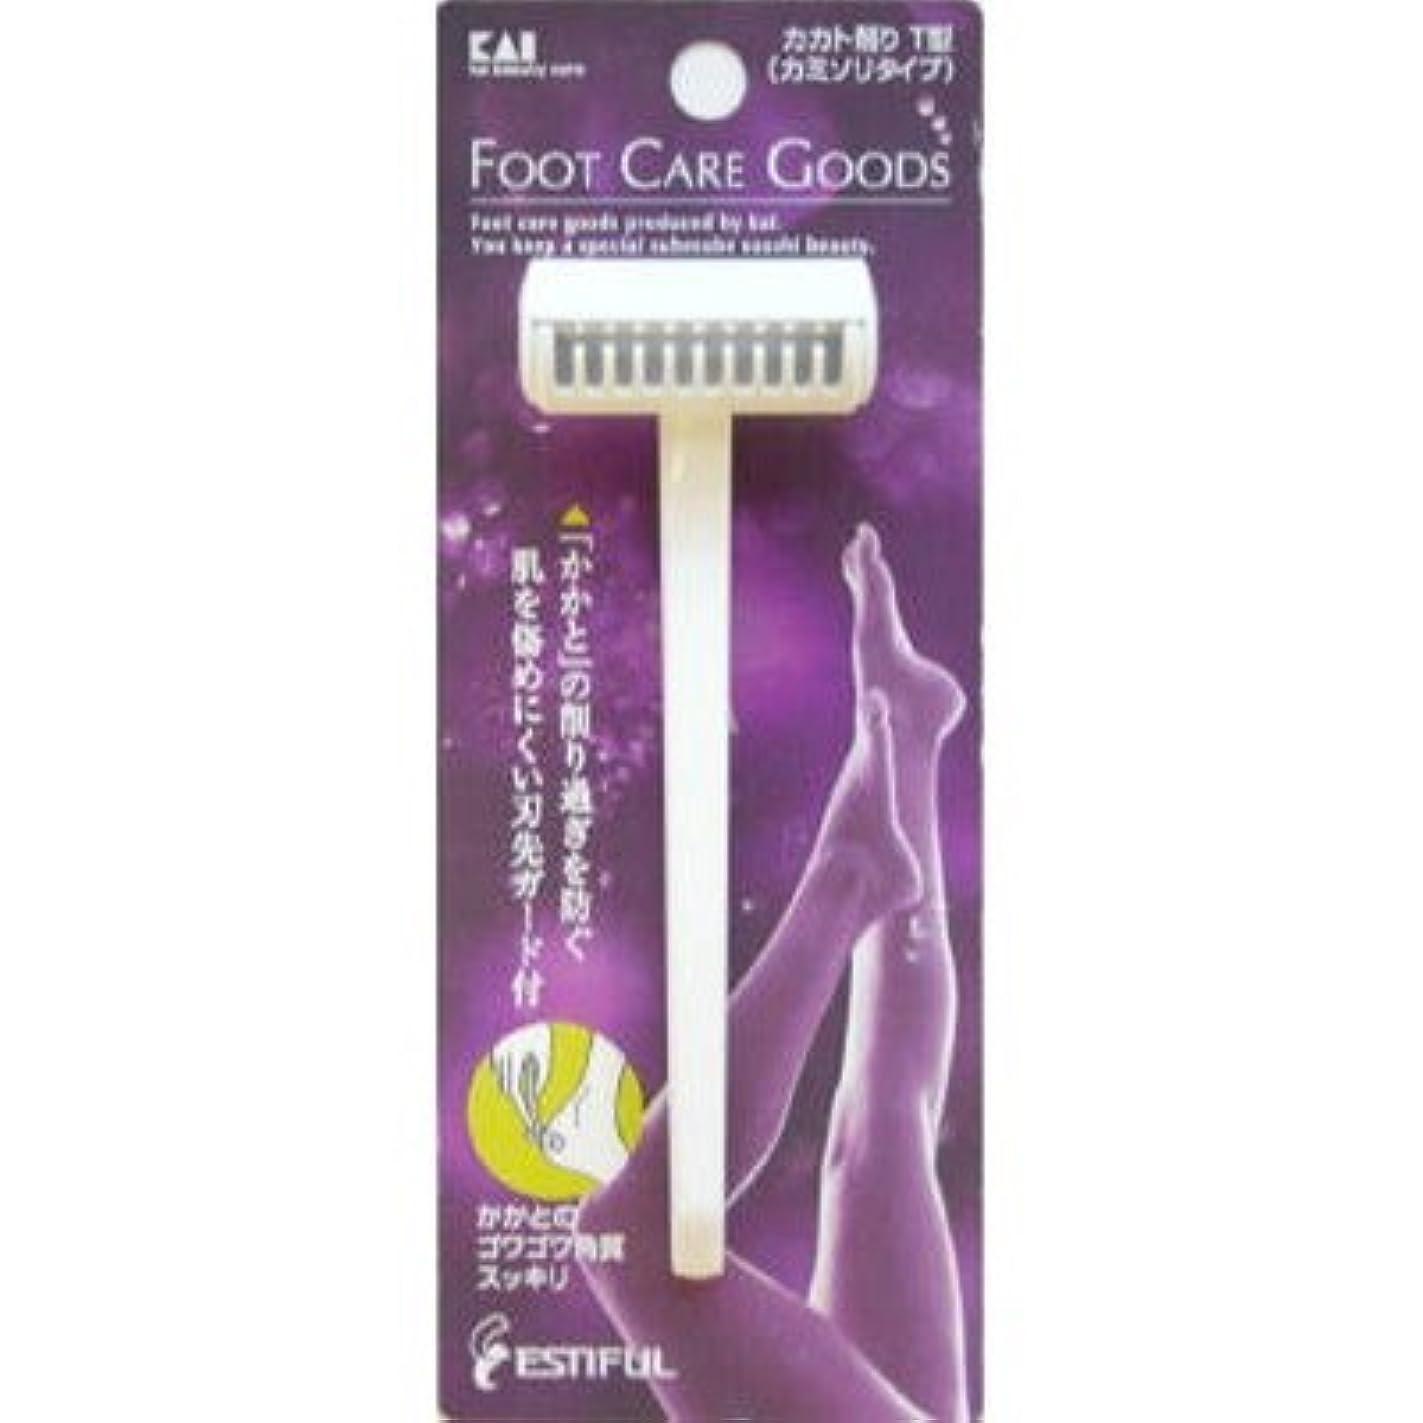 狭い出演者どちらか貝印HB0305 カカト削りT型(カミソリタイプ)【6個パック】